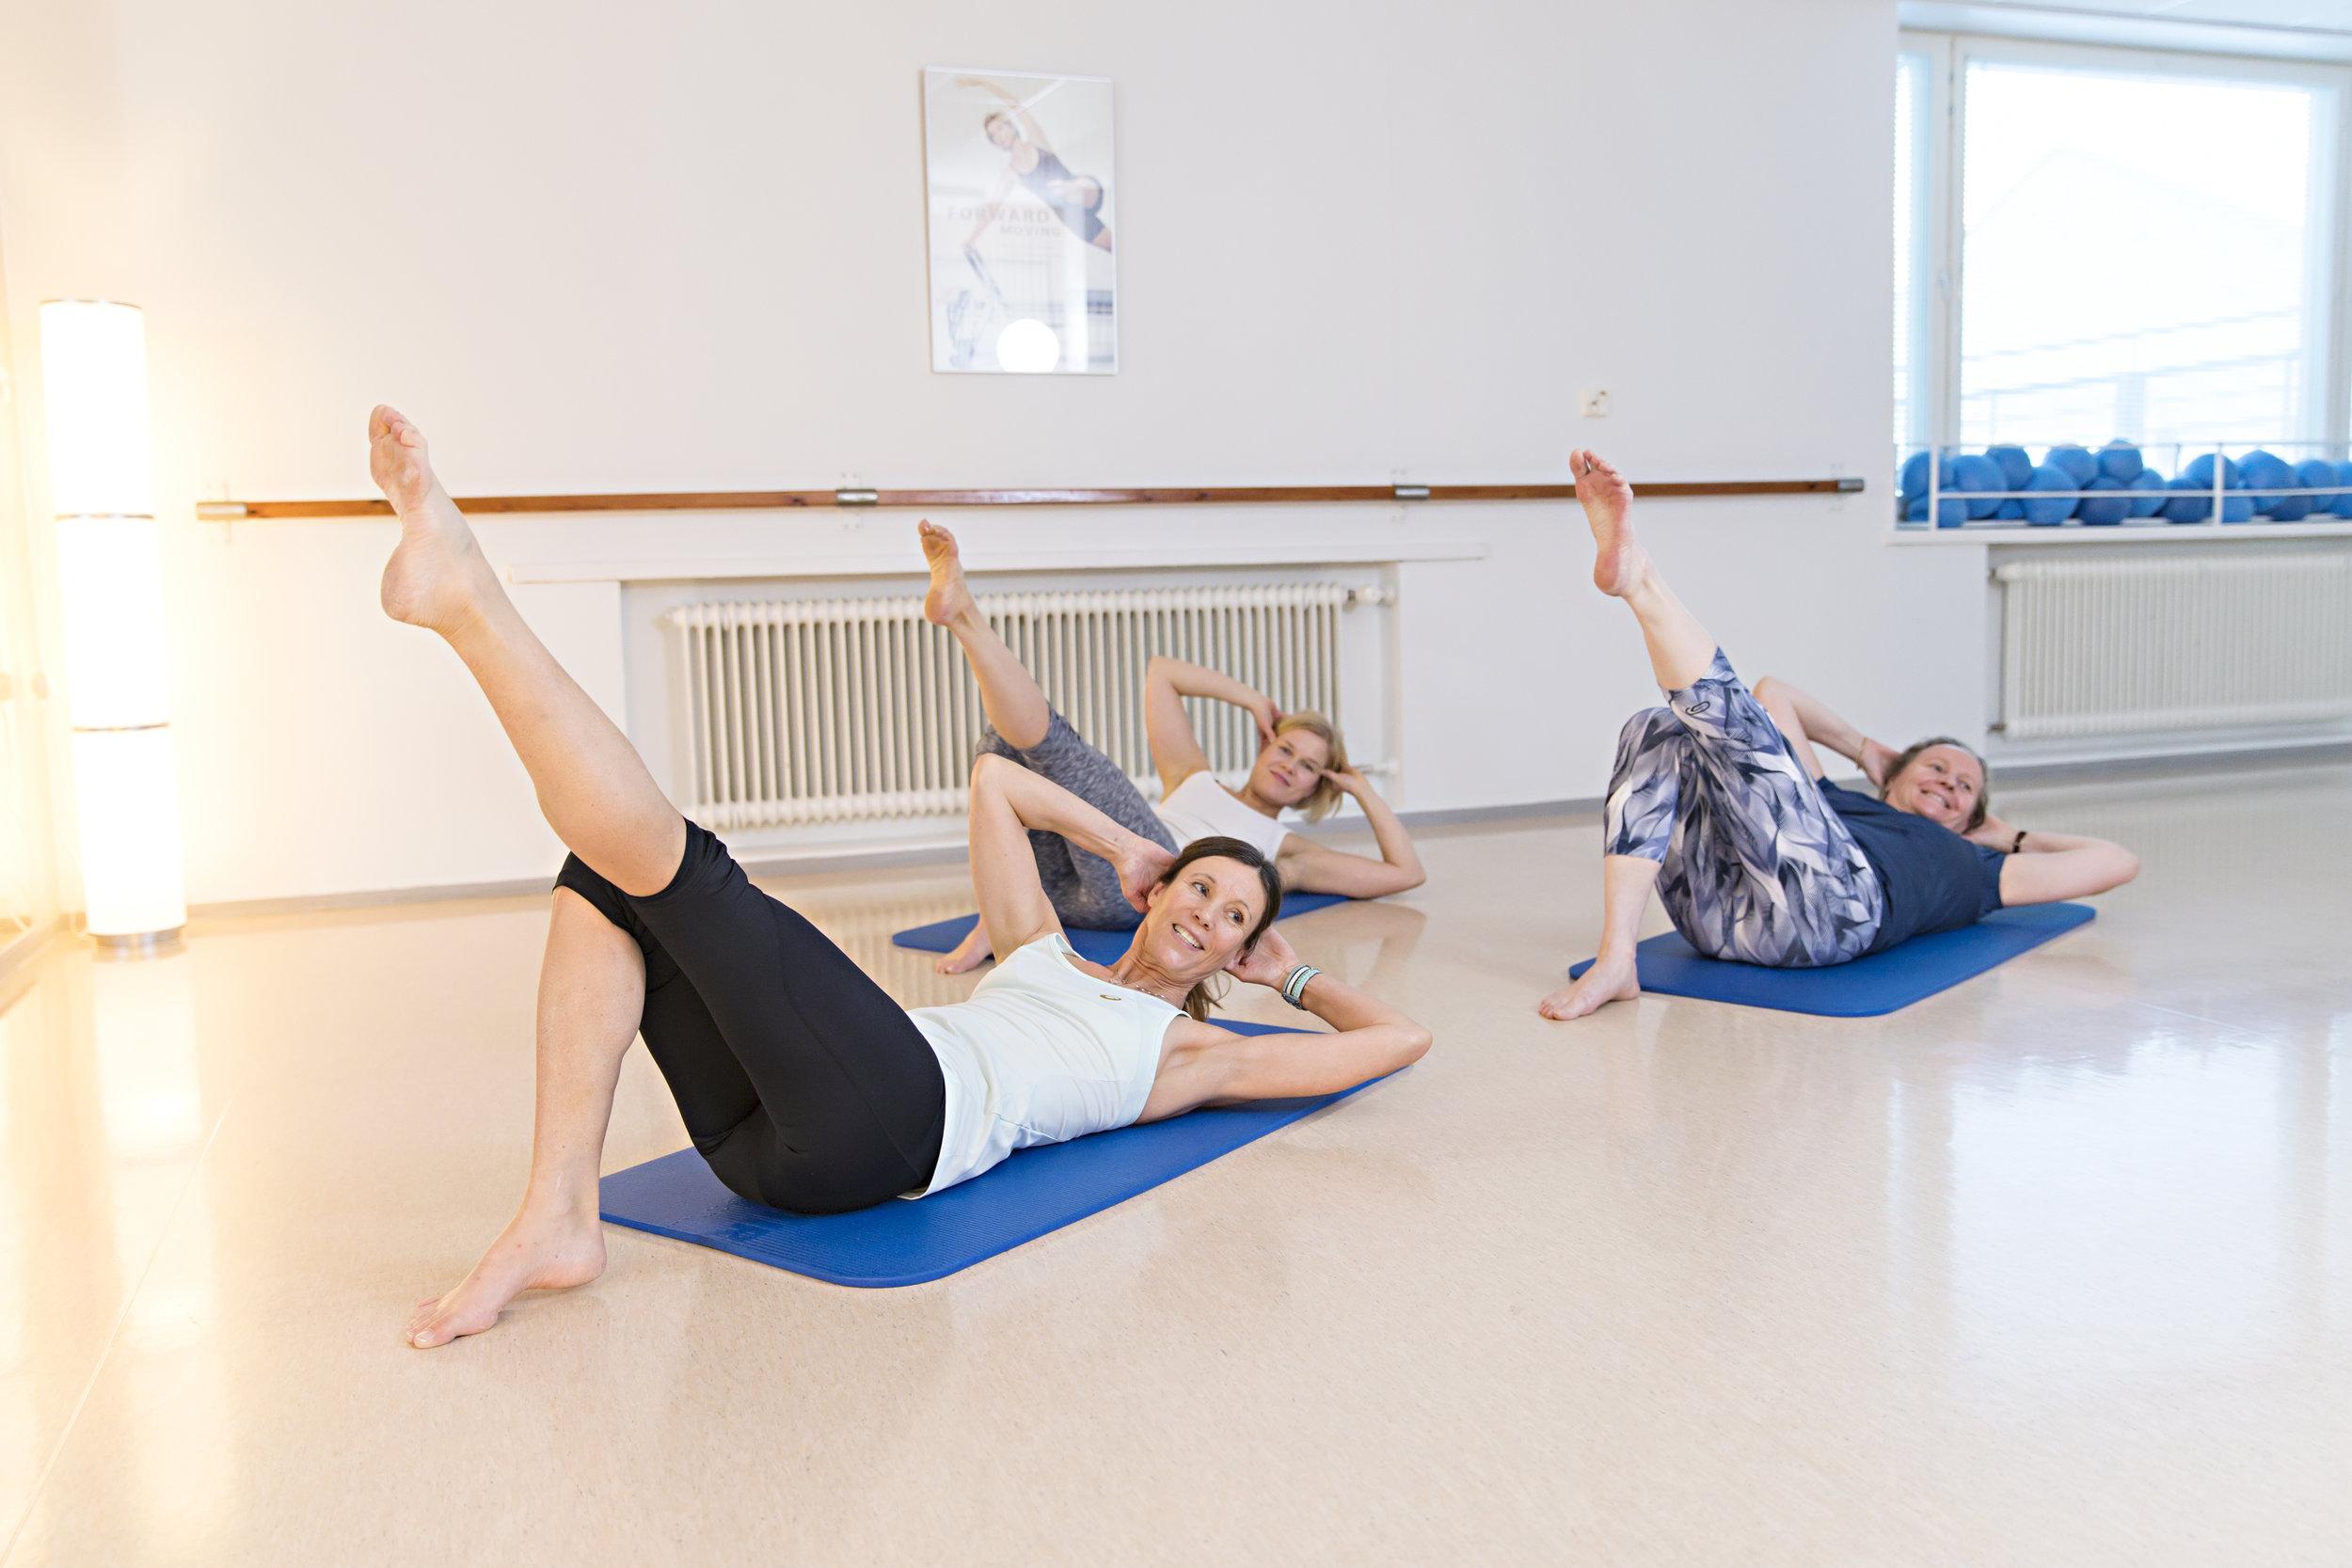 PilatesStudio_Sali6 -® Jiri Halttunen (1).jpg